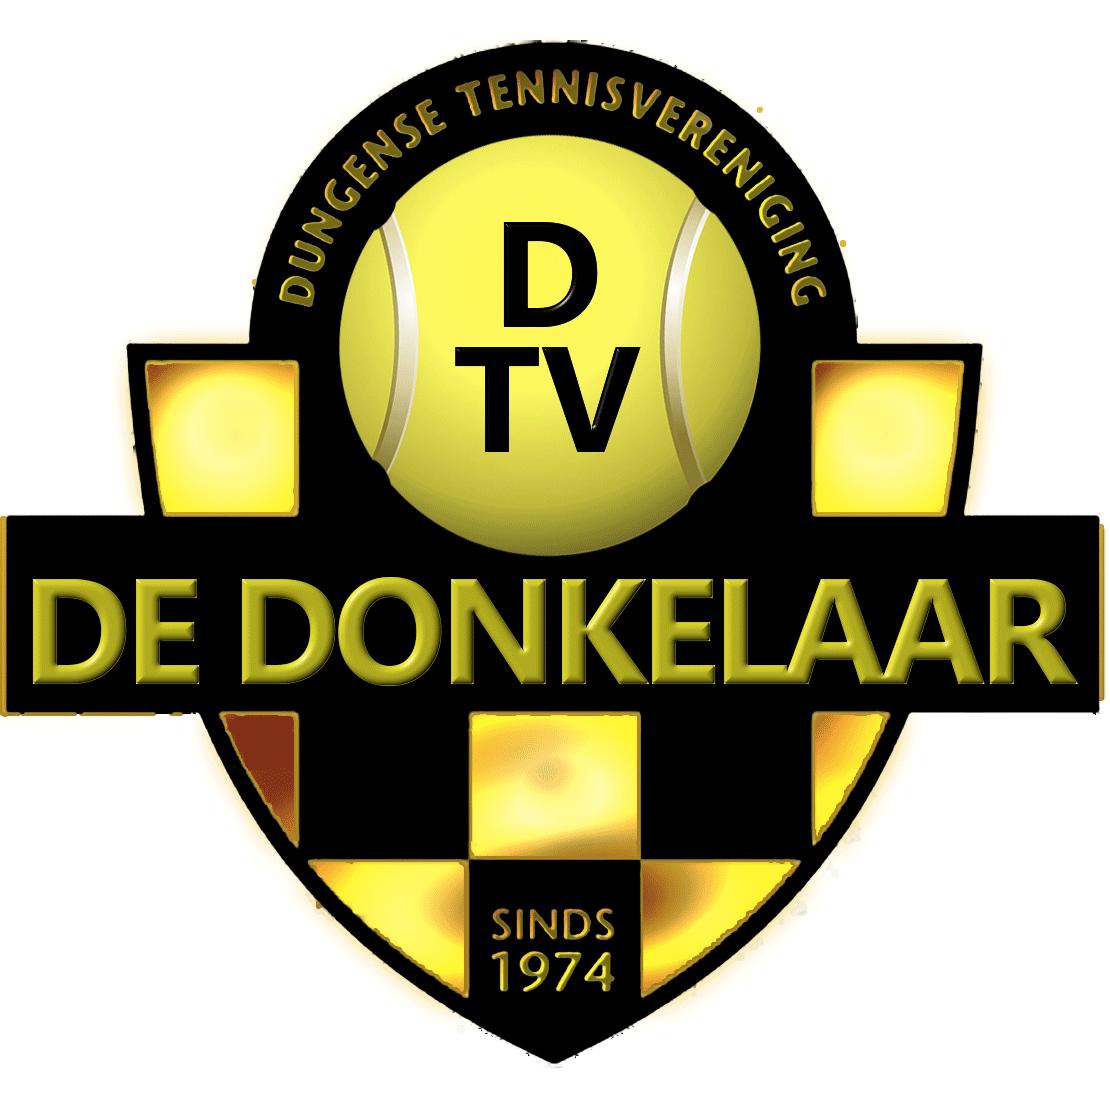 D.T.V. de Donkelaar